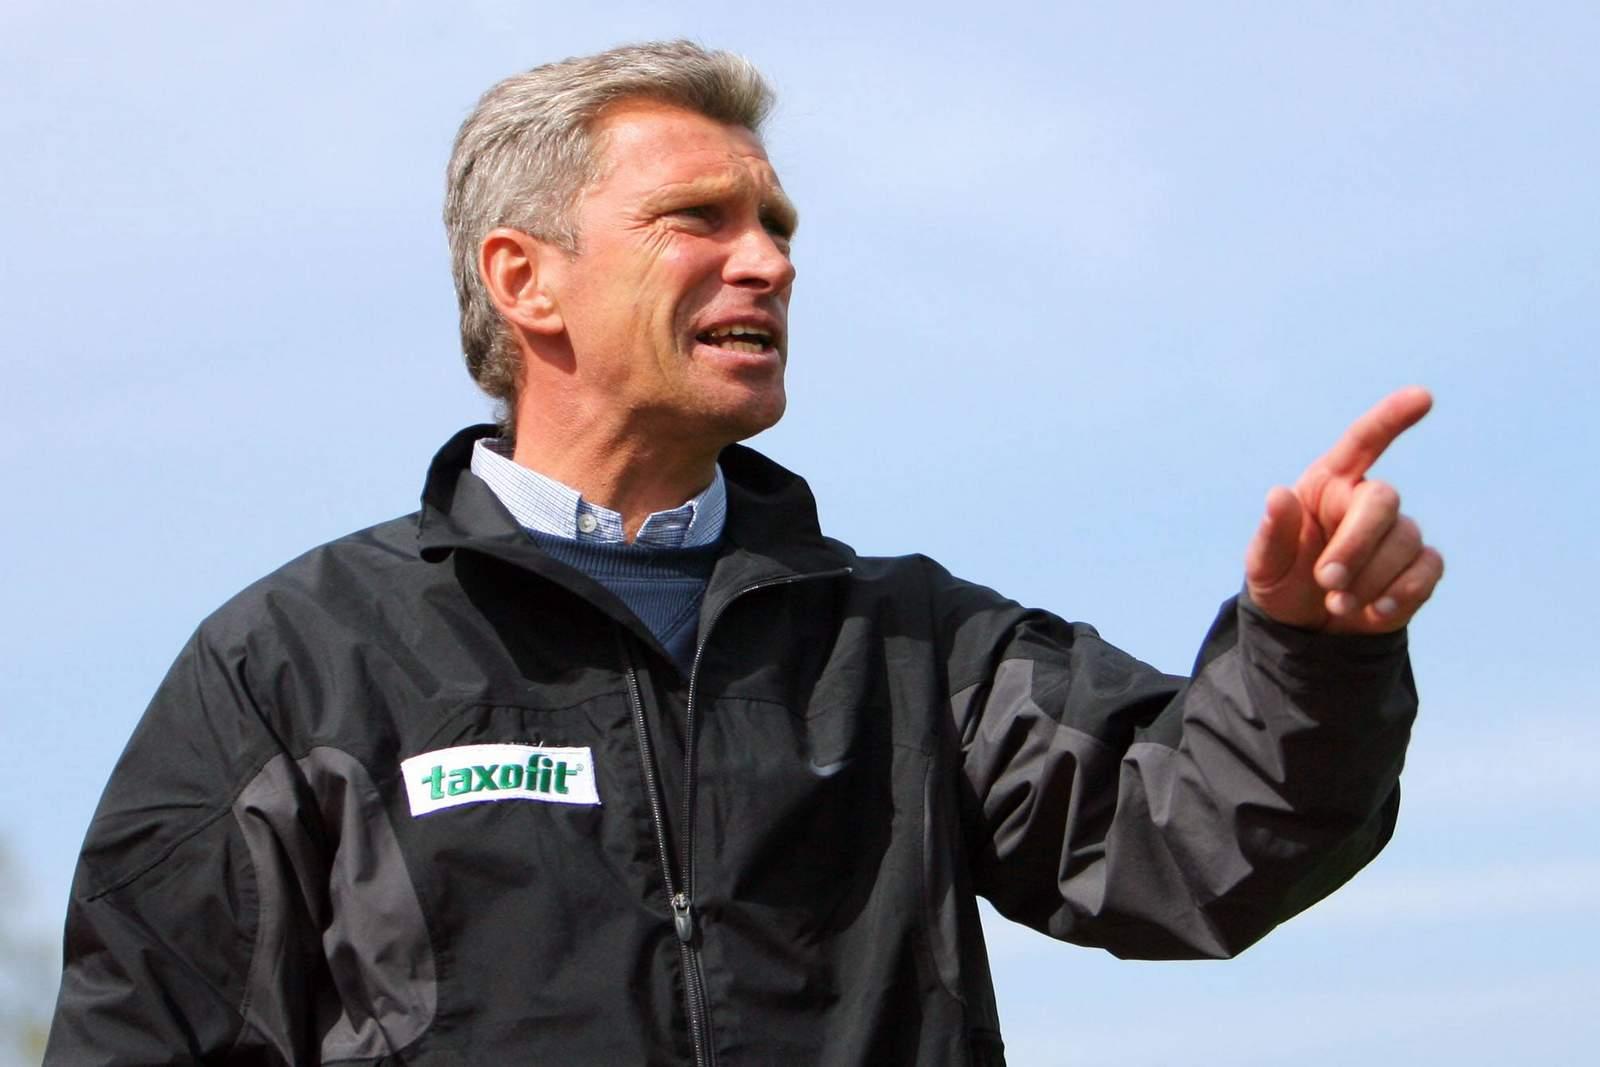 Christian Schreier in seiner Zeit als Trainer bei Union Berlin.